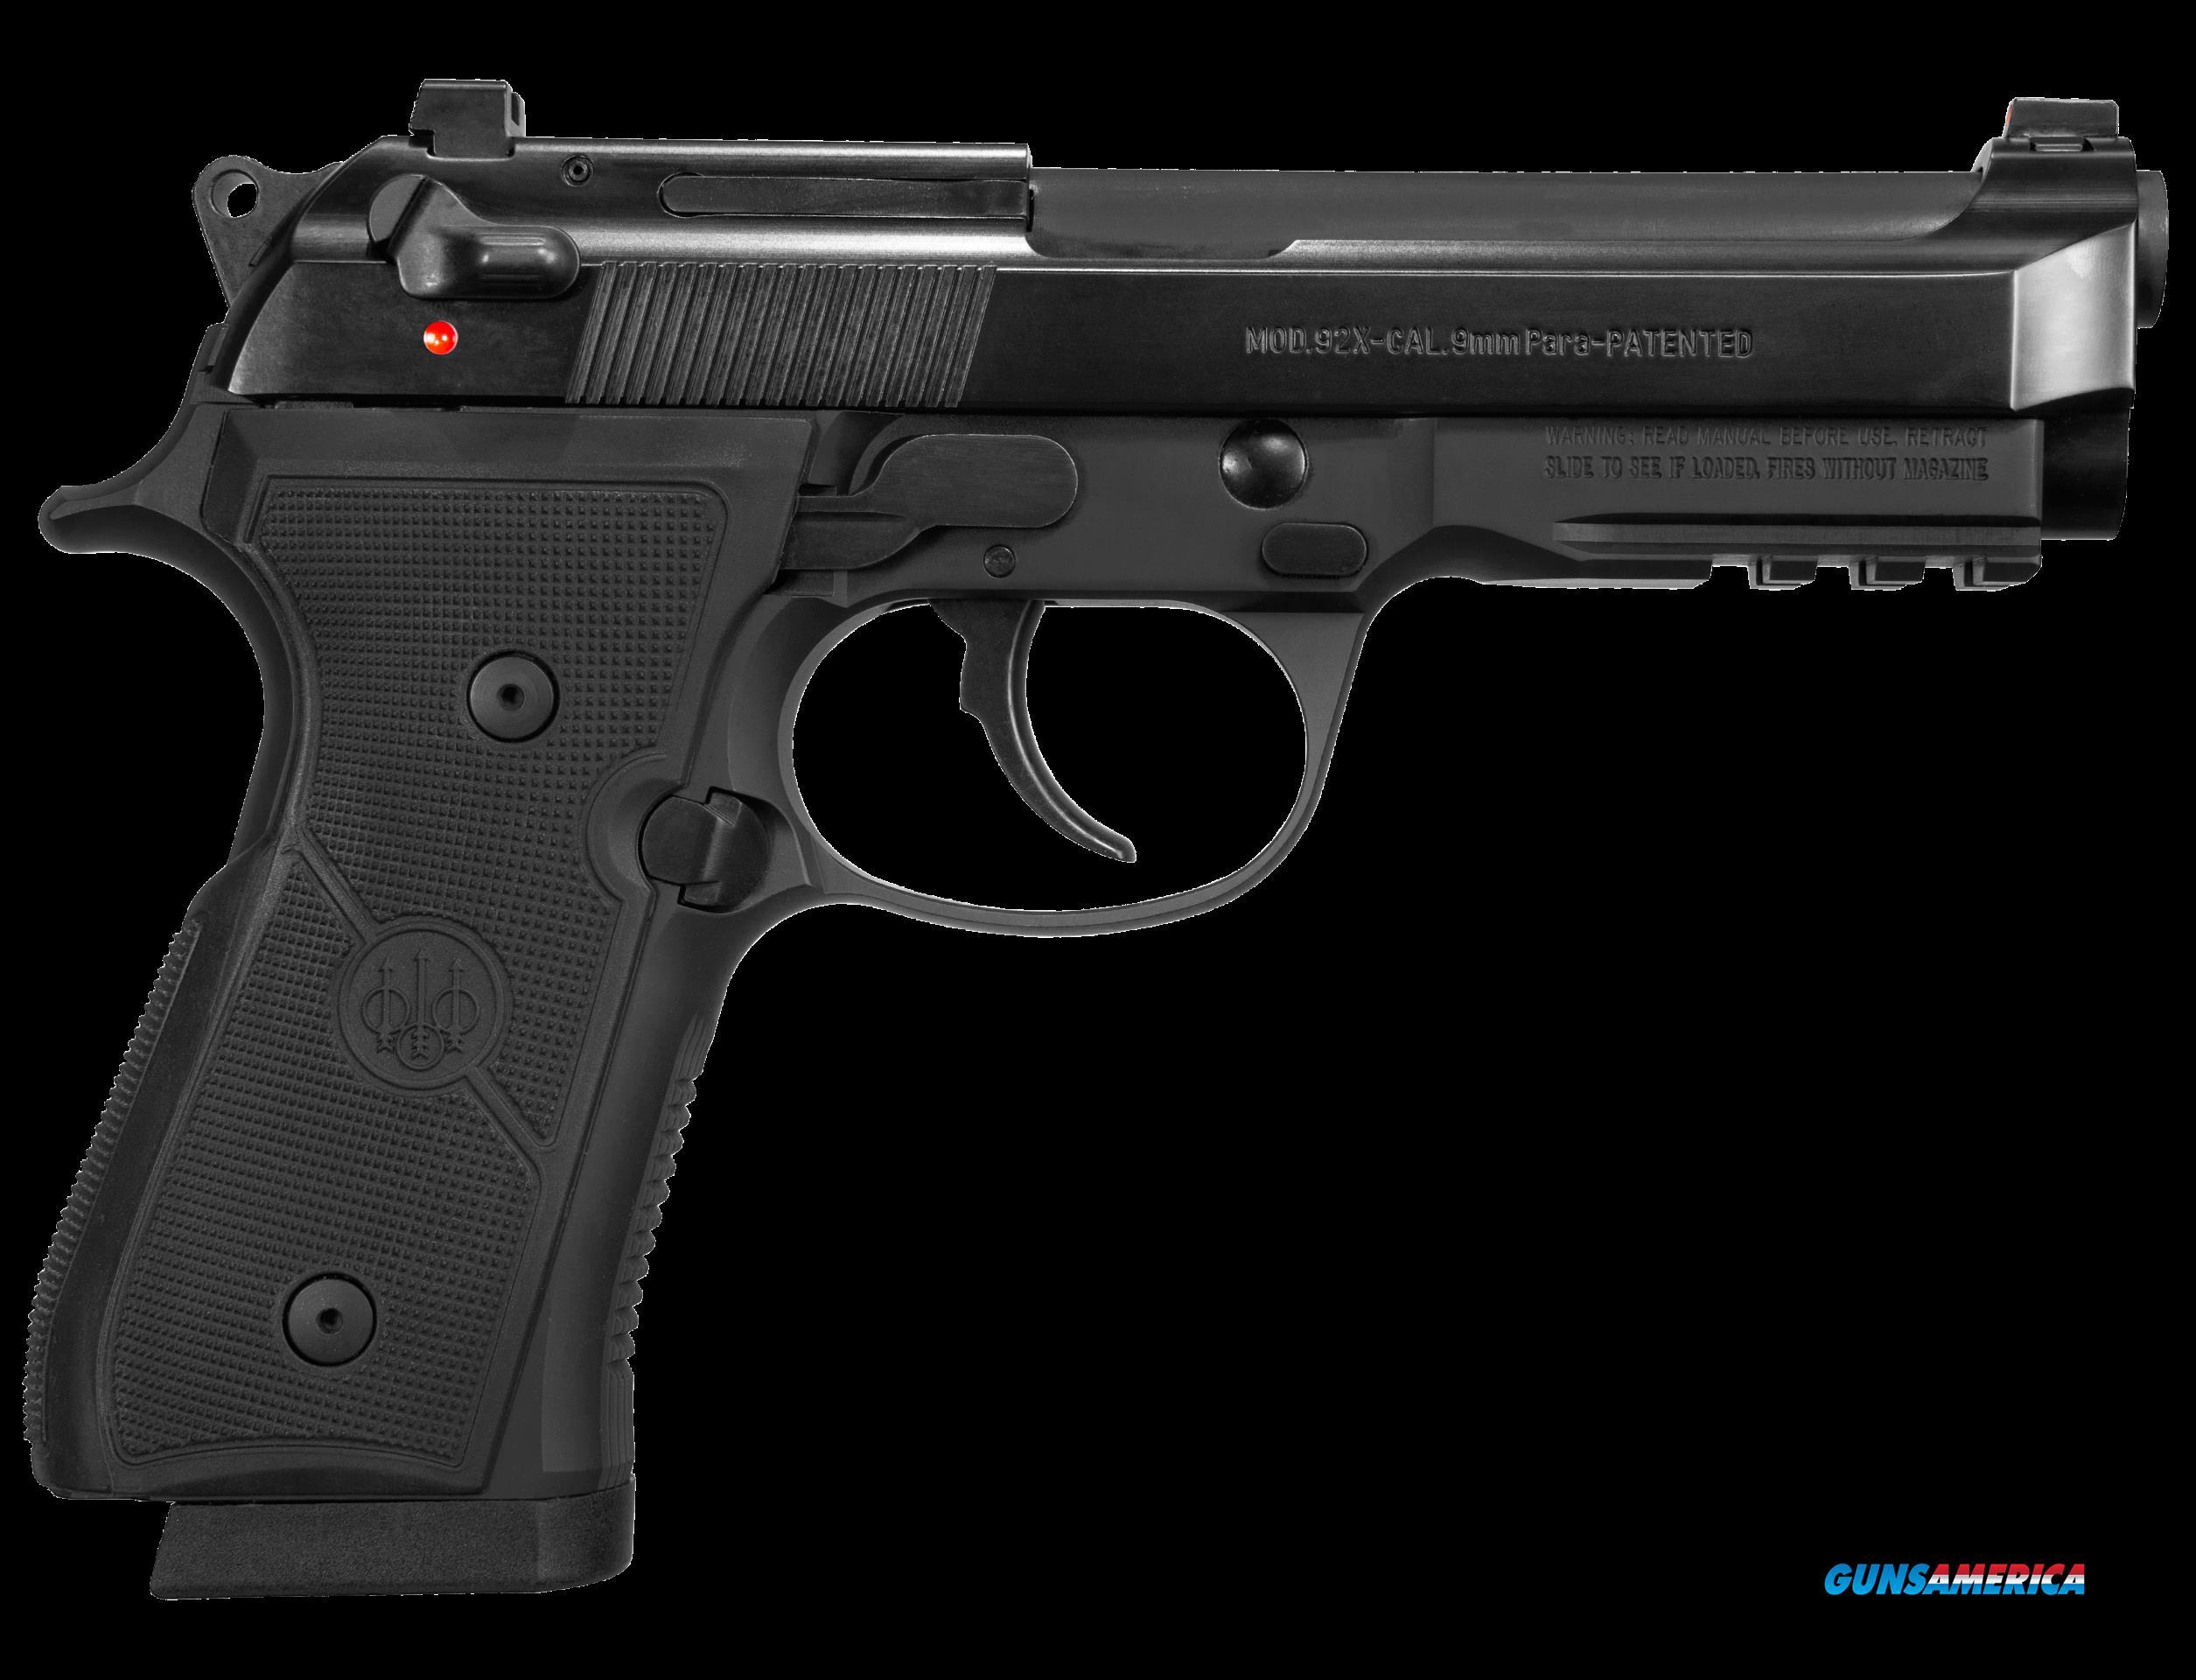 Beretta Usa 92x, Ber J92qr920g 92x   9mm Centurion 3-10rd  *usa*  Guns > Pistols > 1911 Pistol Copies (non-Colt)